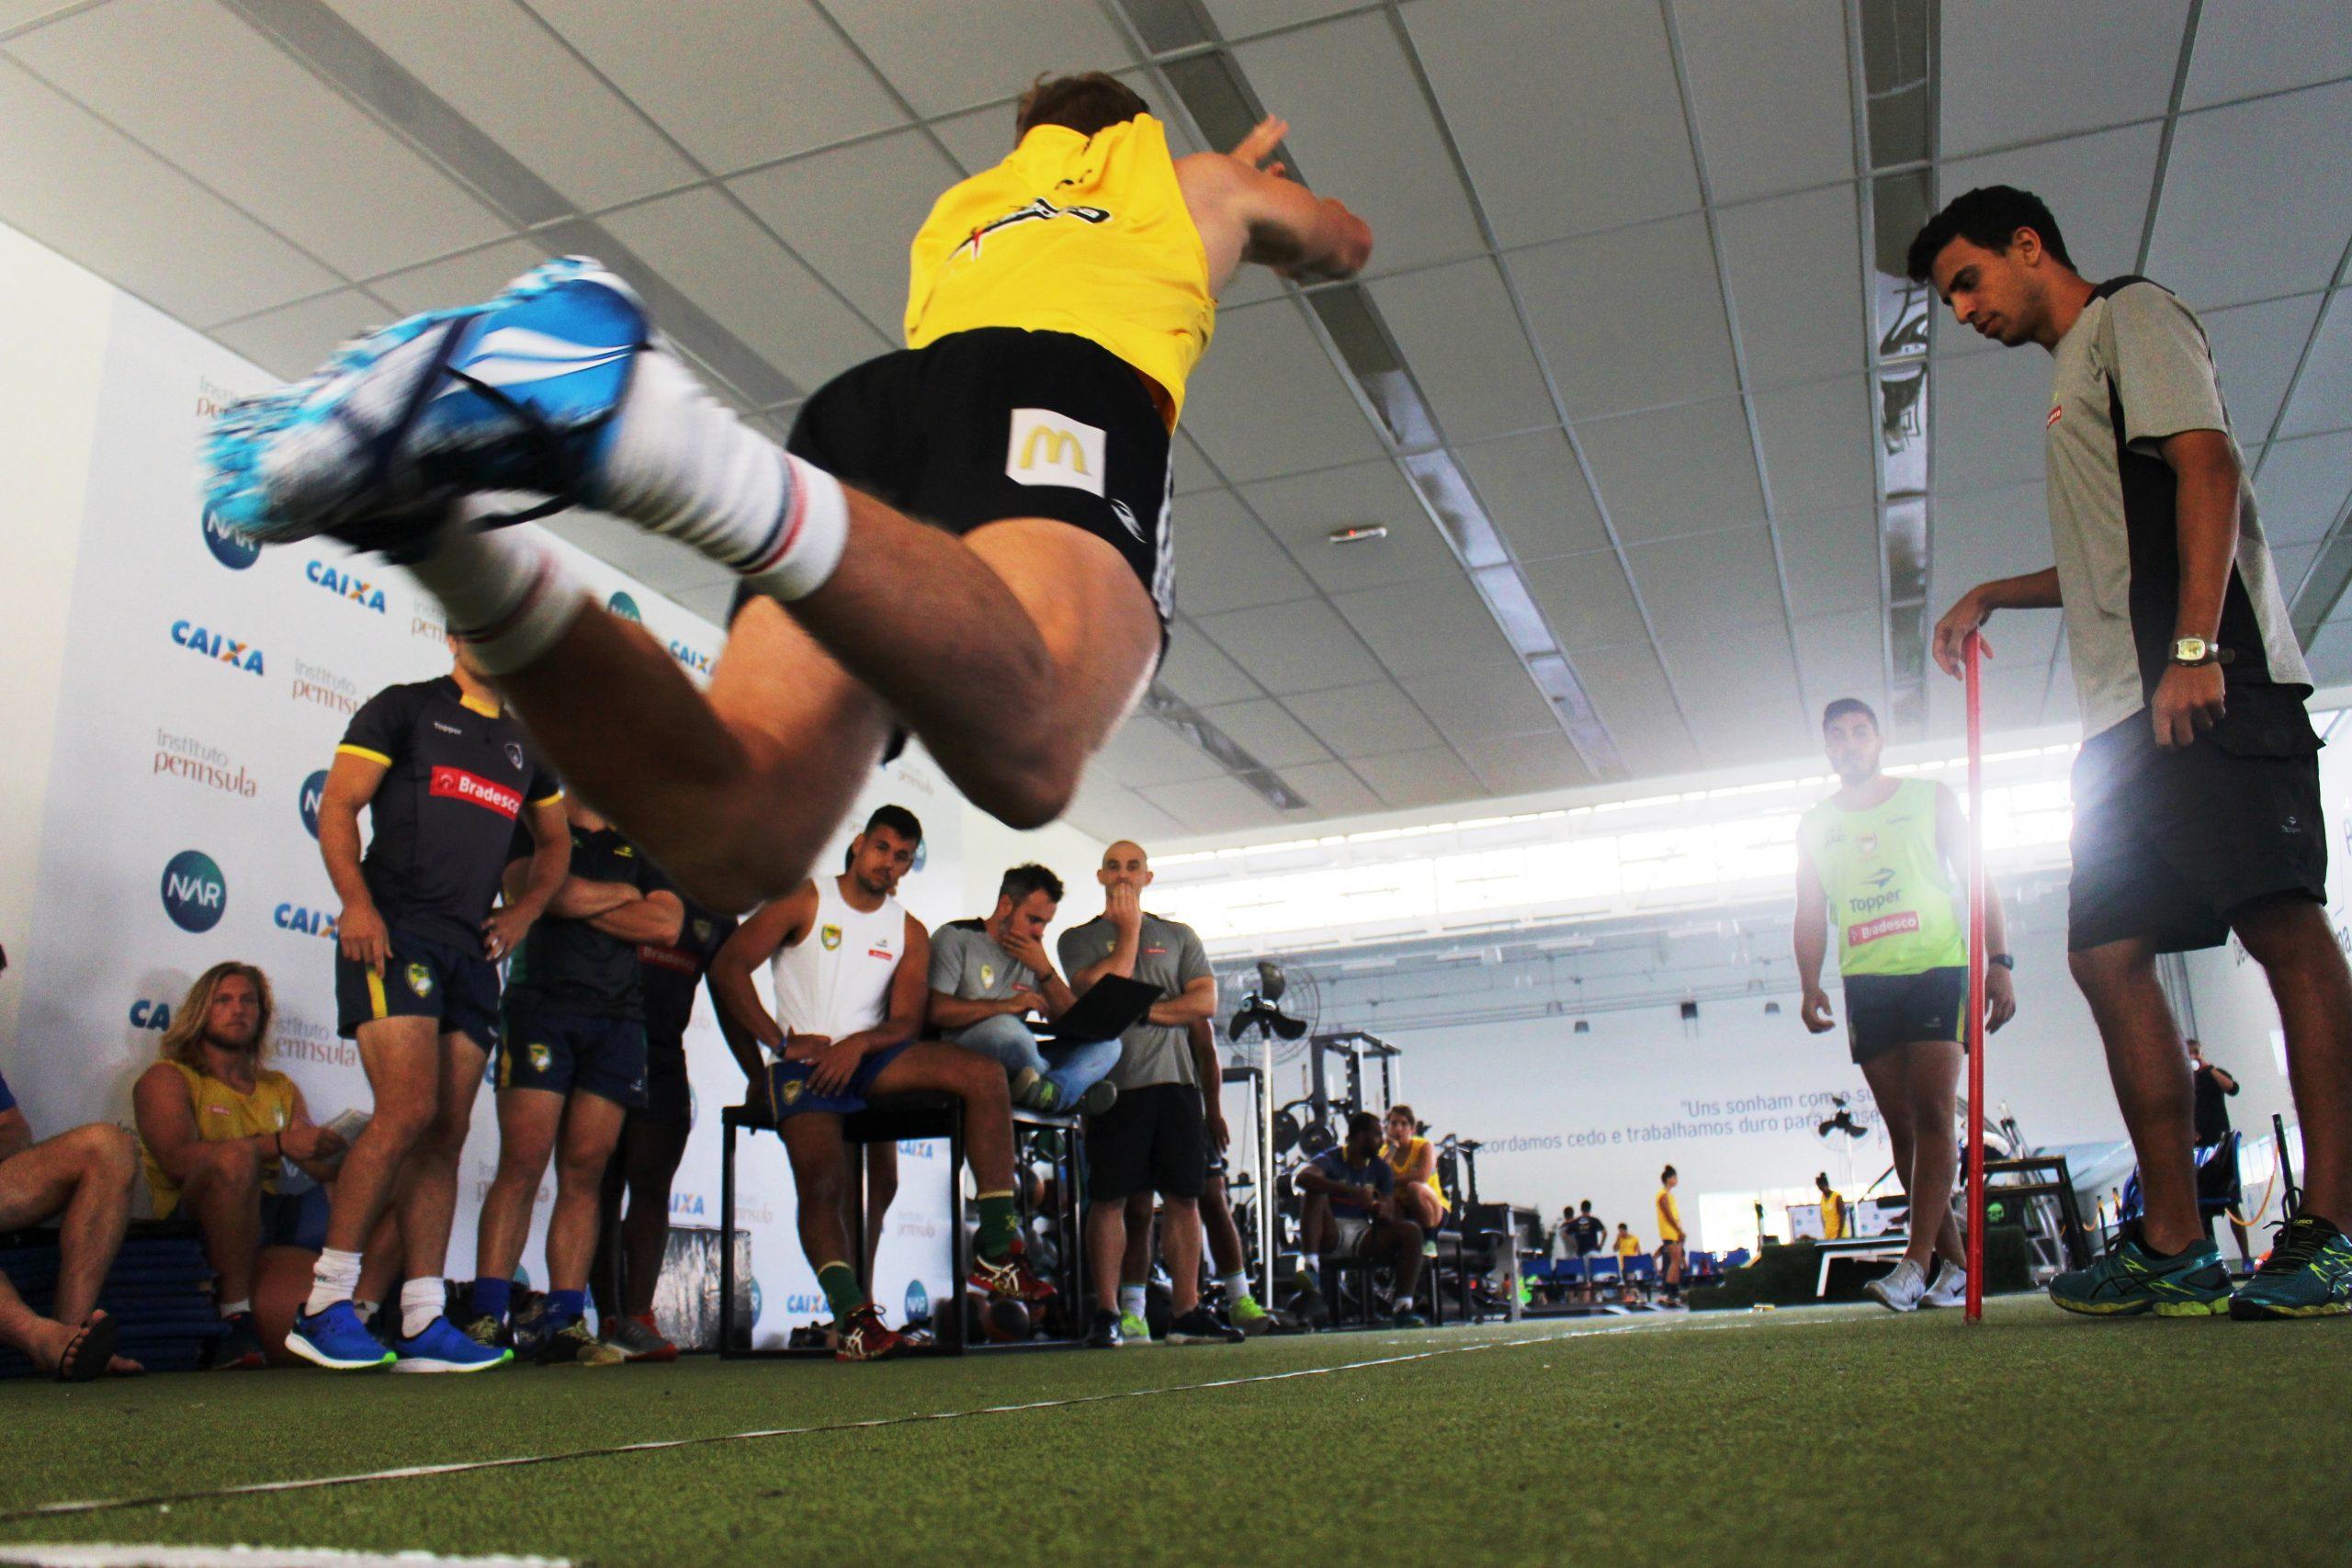 Seleção de rugby passa por testes antes de desafios no Campeonato Sul-Americano